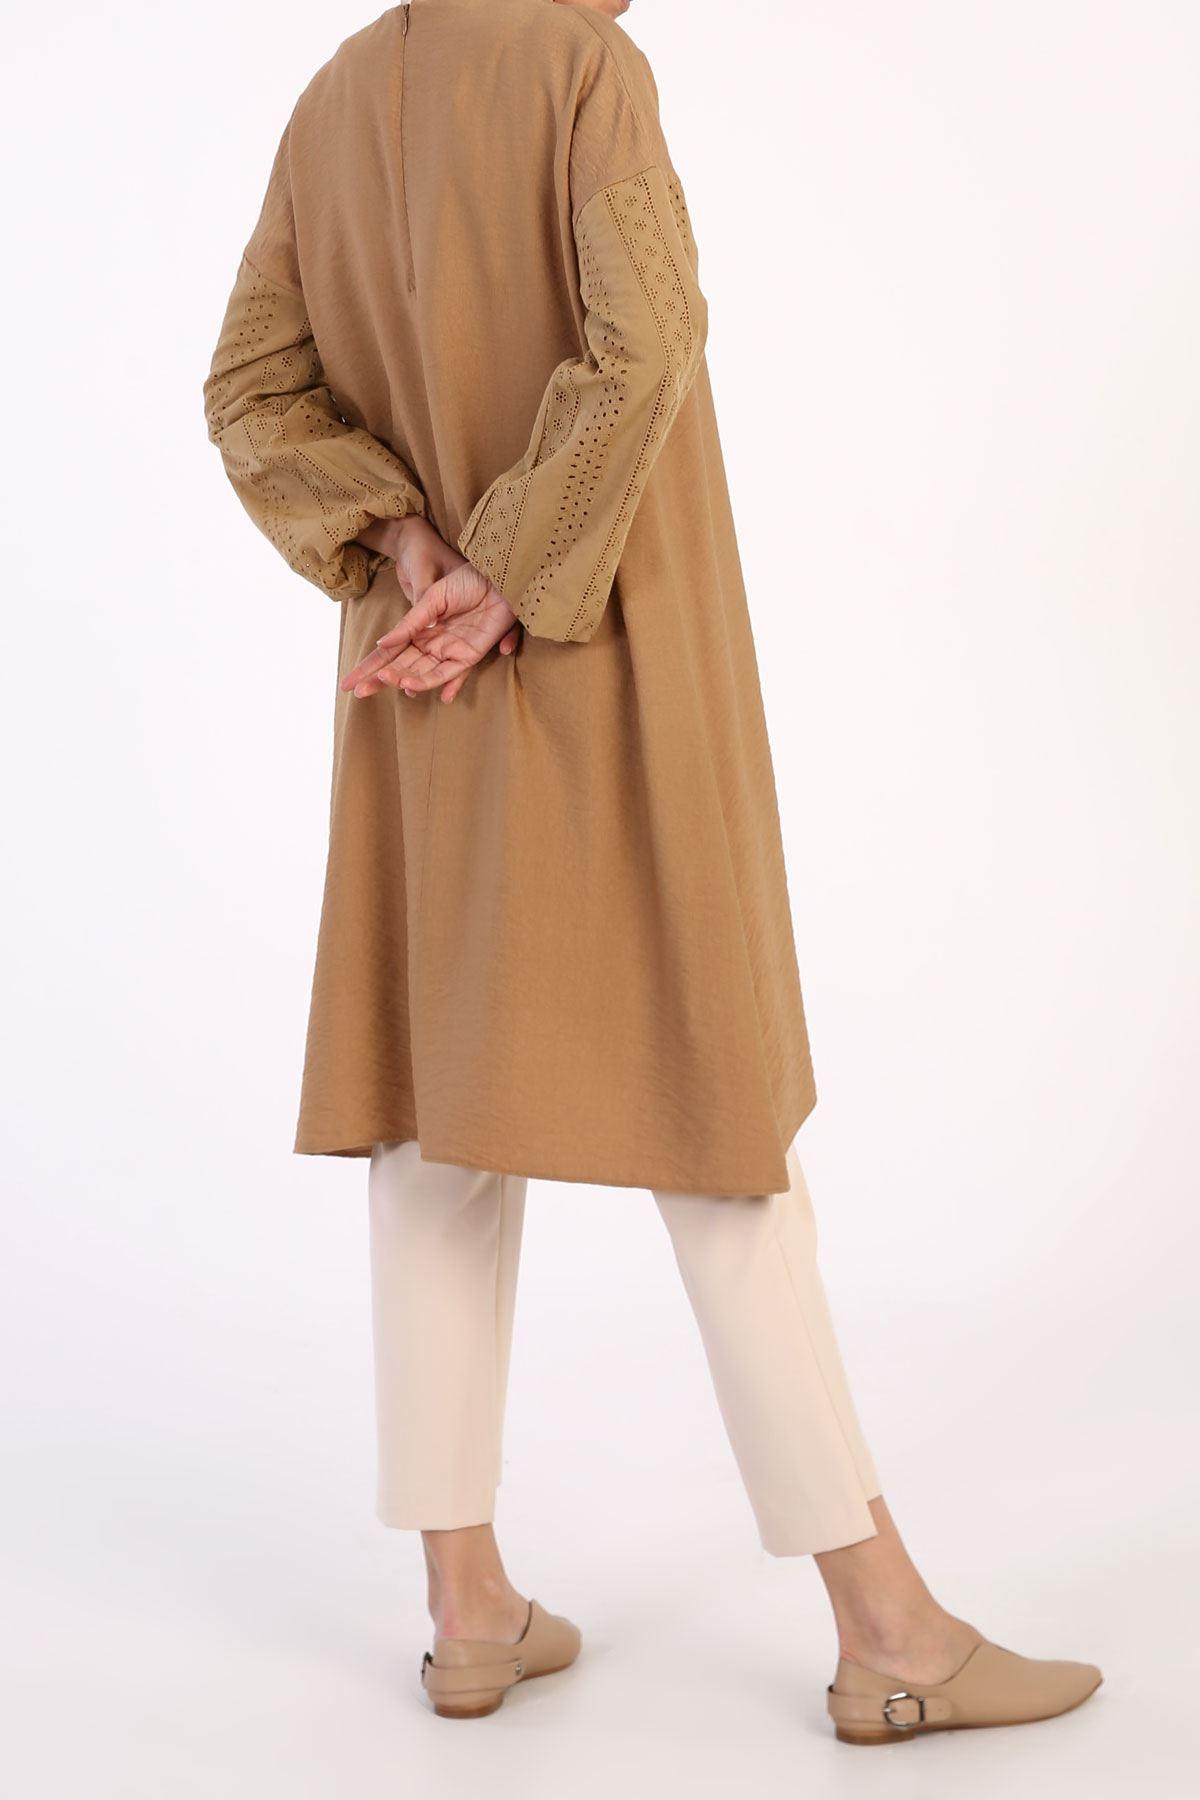 Kadın Kol Dantel Tensel Tunik-koyu bej